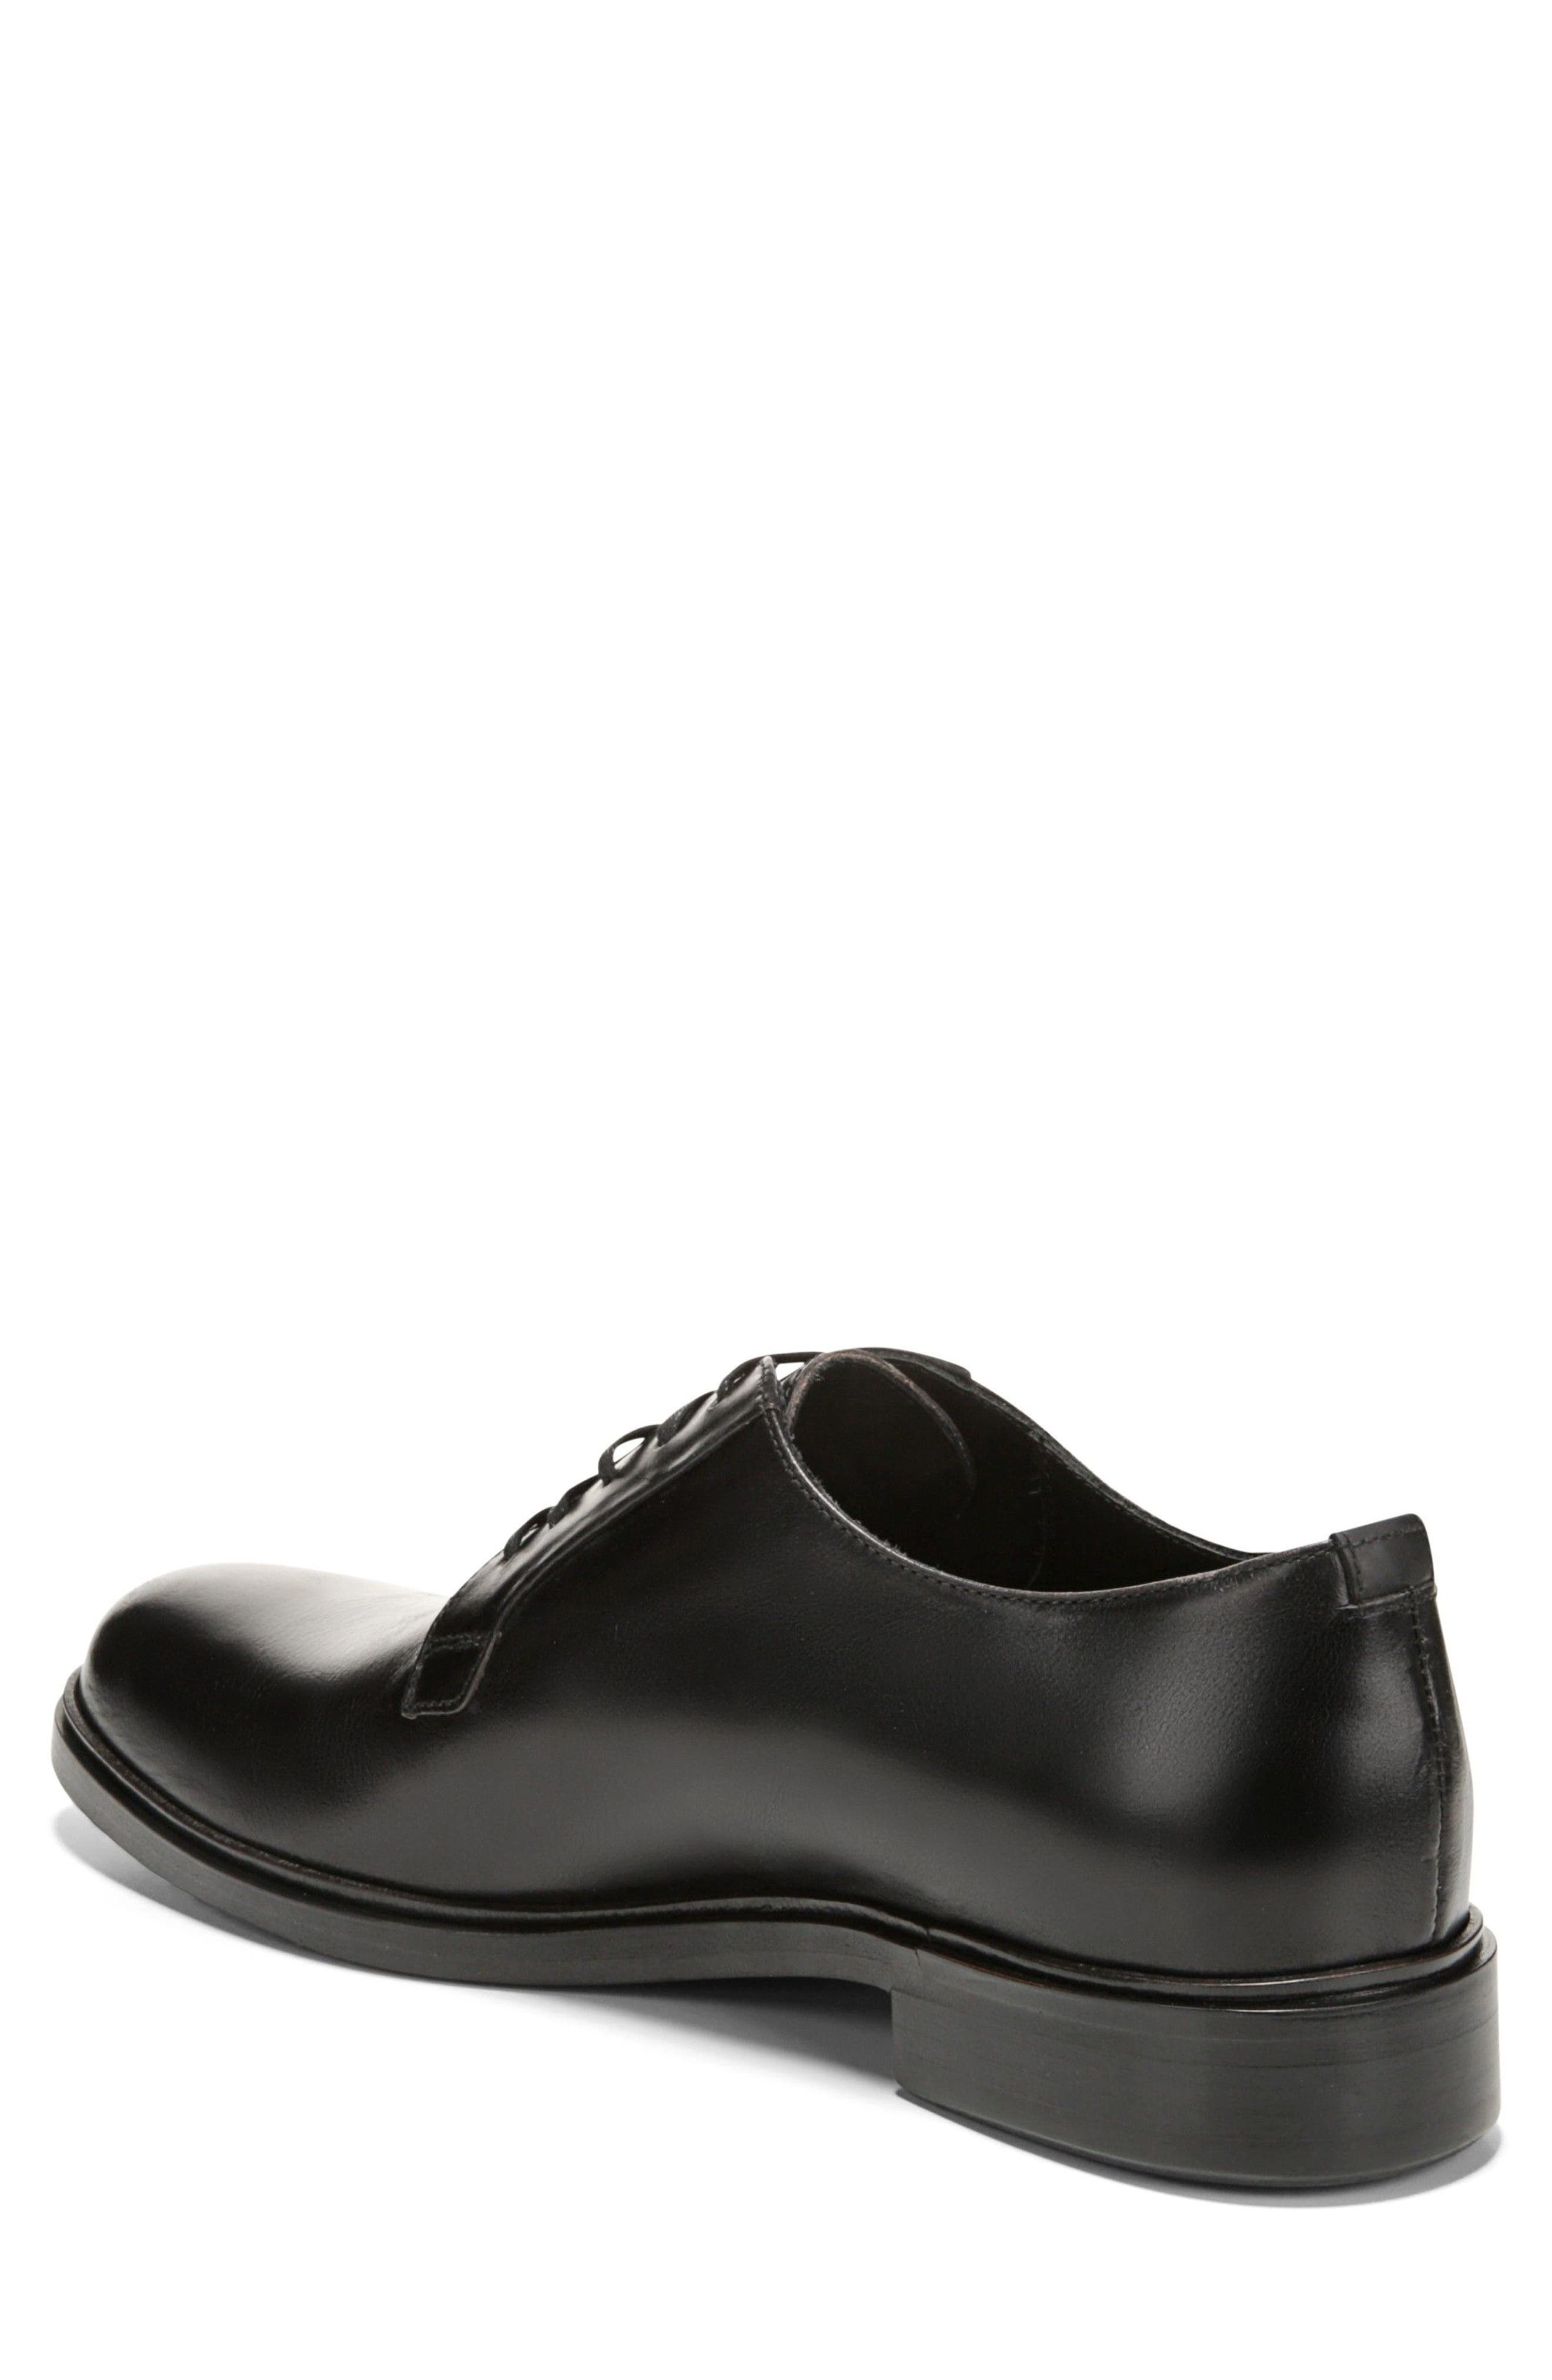 Boreum Plain Toe Derby,                             Alternate thumbnail 2, color,                             BLACK